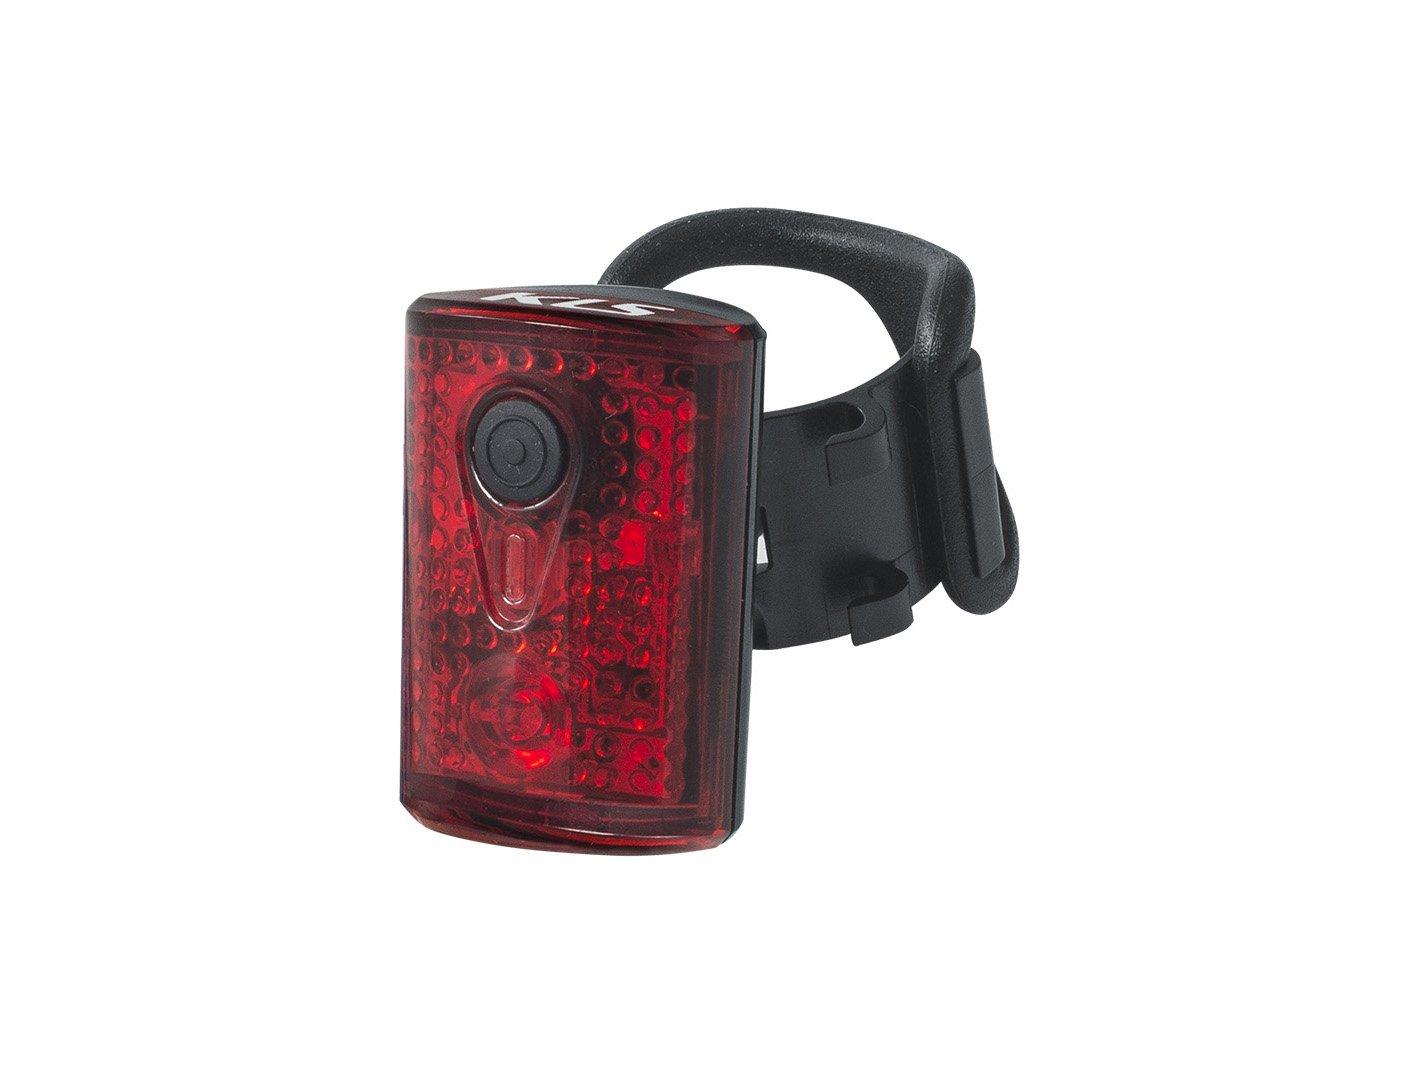 Фонарь задний KELLYS NIBIRU, 3 светодиода, регулировка фокуса, зарядка USB, аккумулятор в комплекте